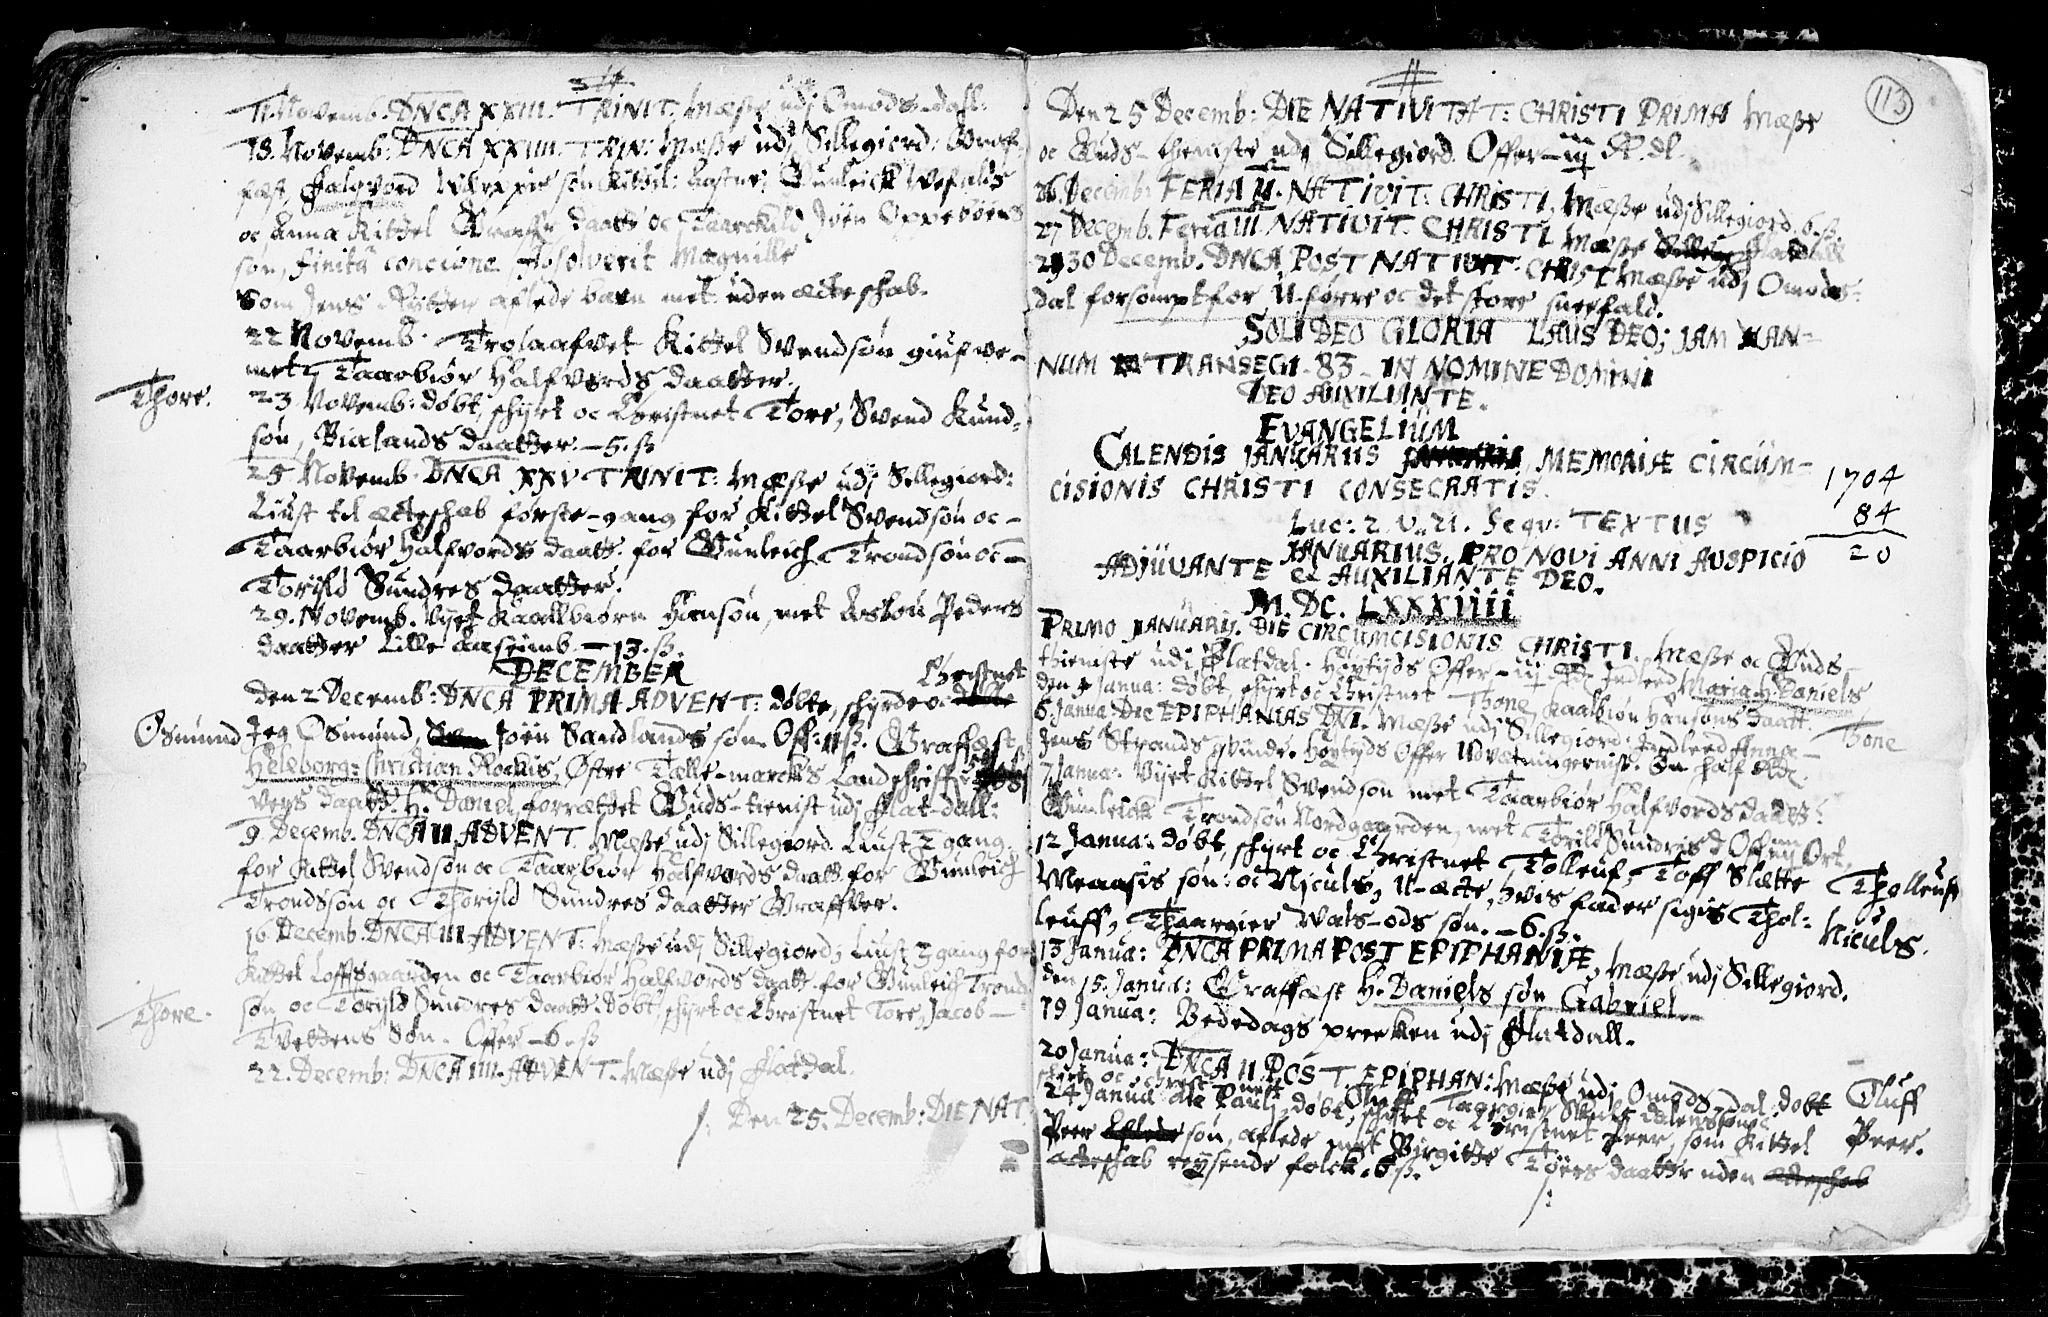 SAKO, Seljord kirkebøker, F/Fa/L0001: Ministerialbok nr. I 1, 1654-1686, s. 113